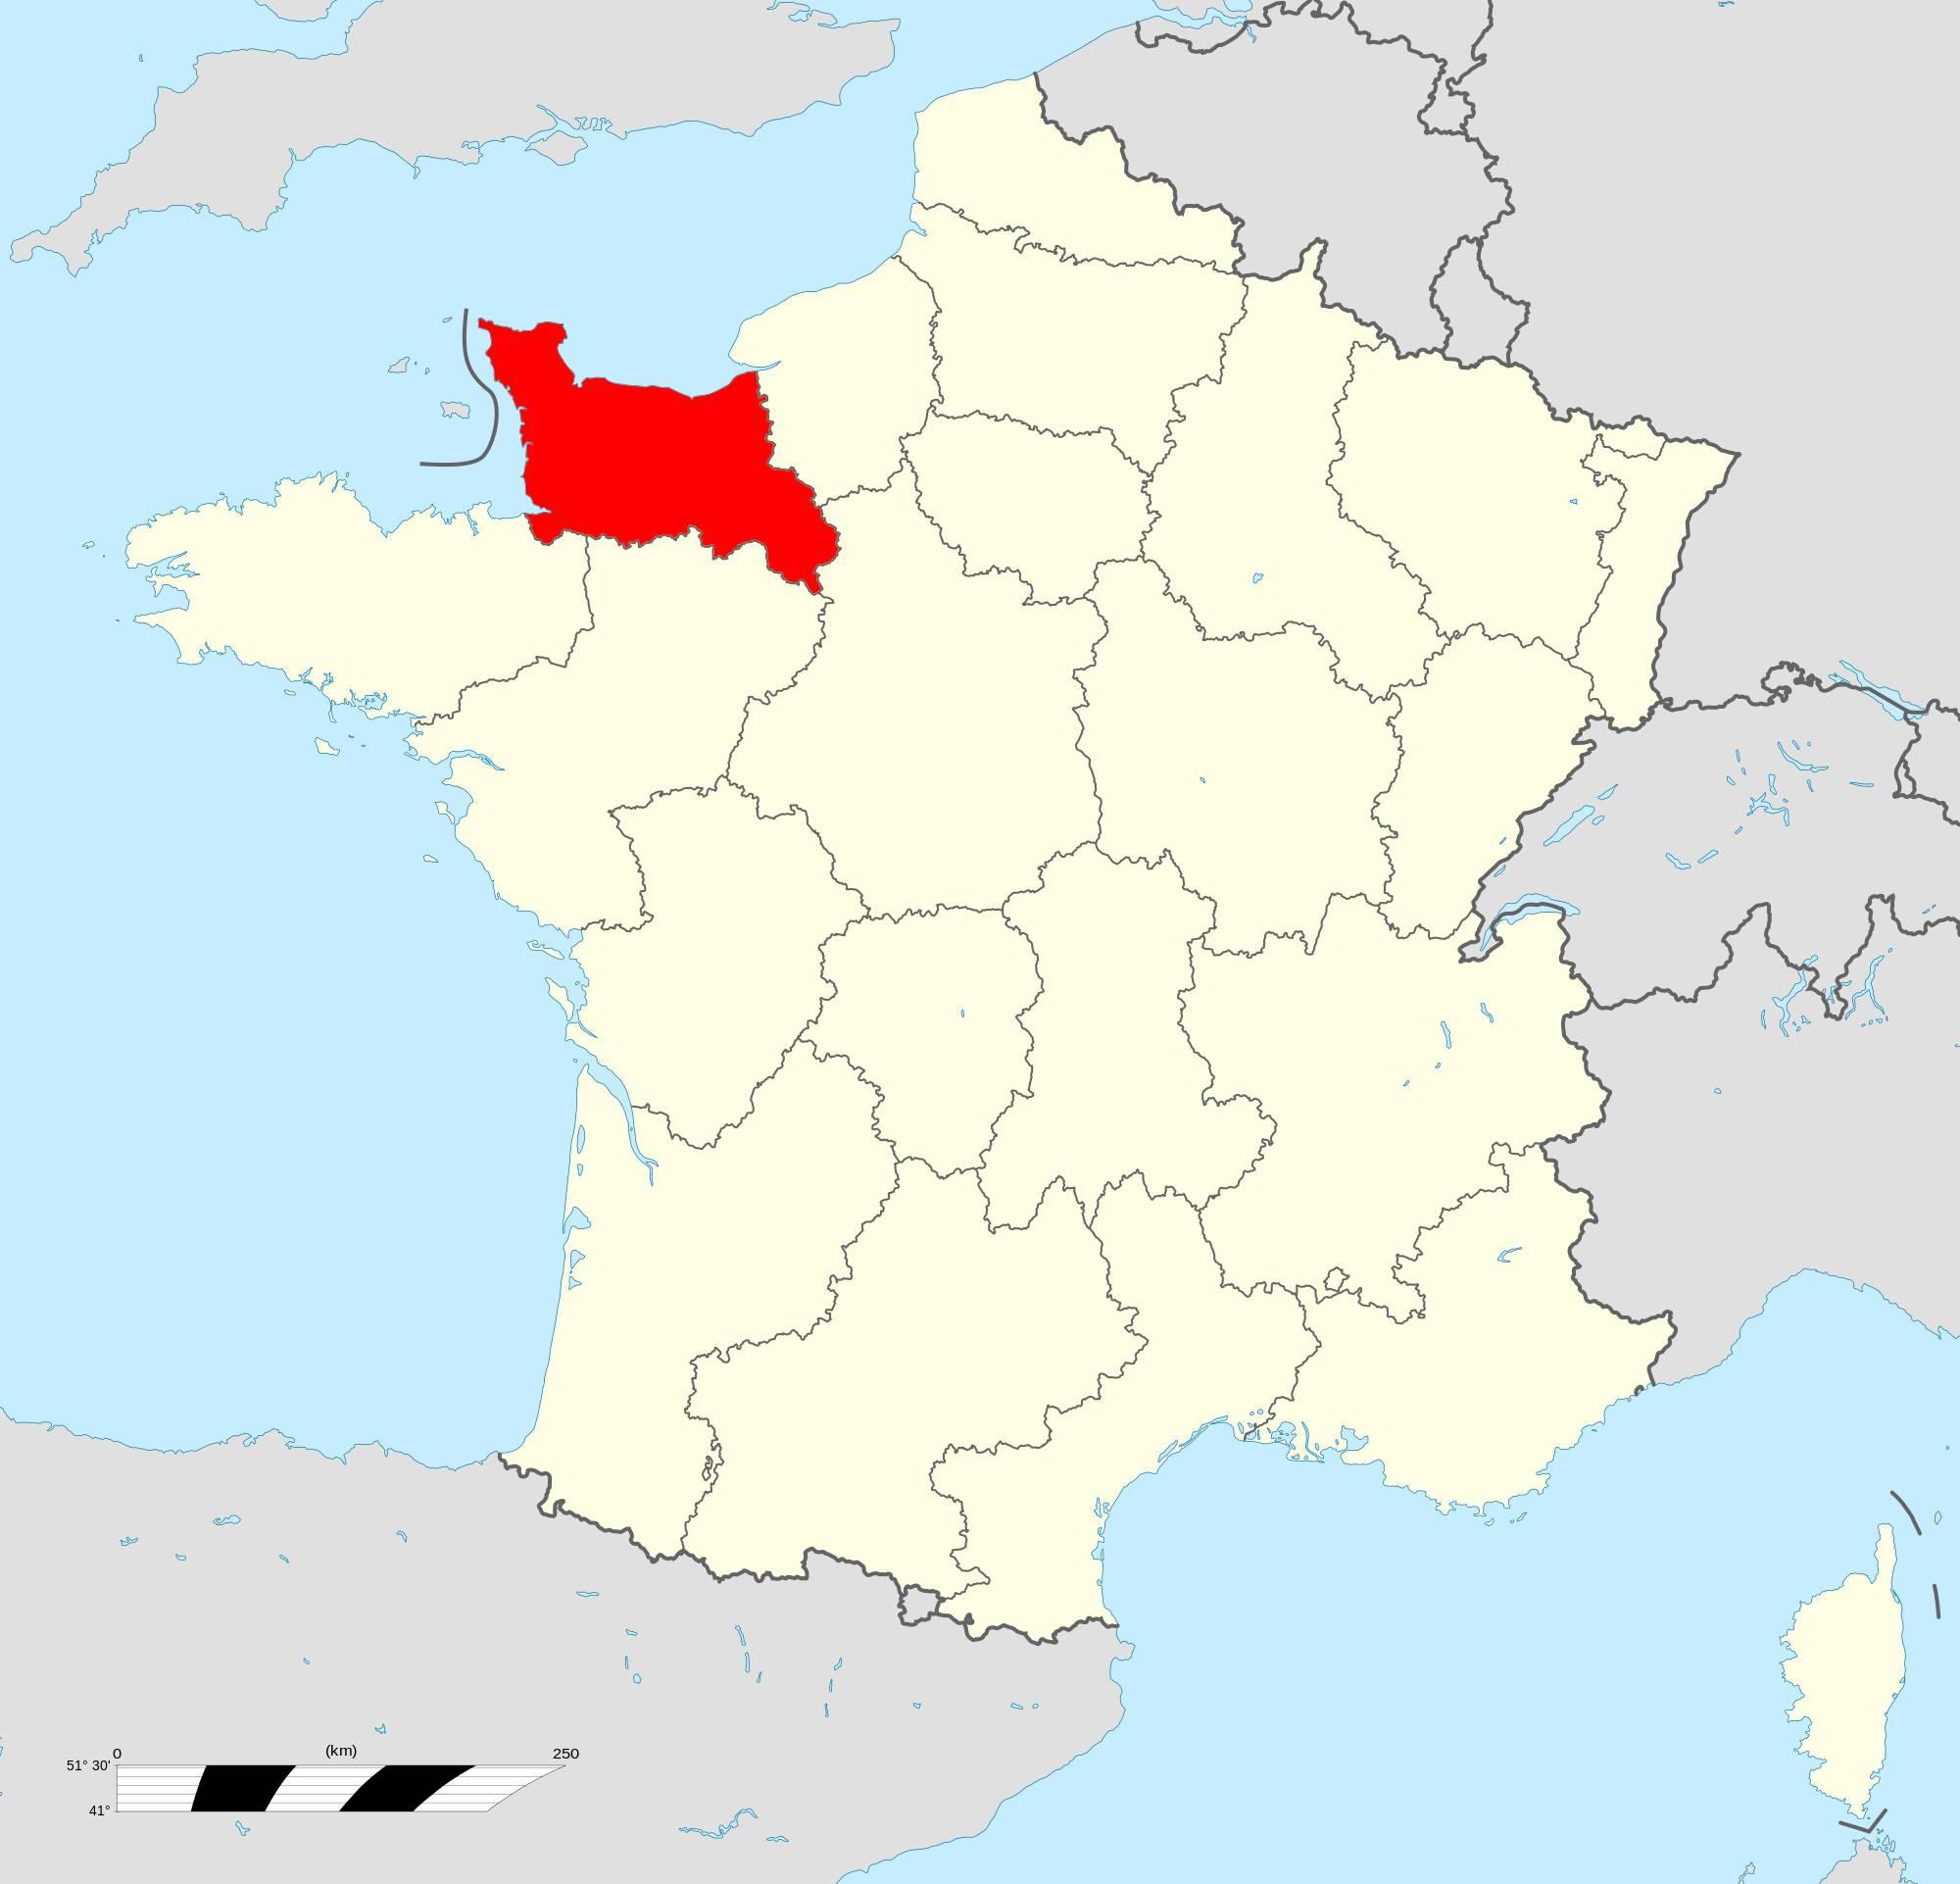 Où se trouve la Basse-Normandie